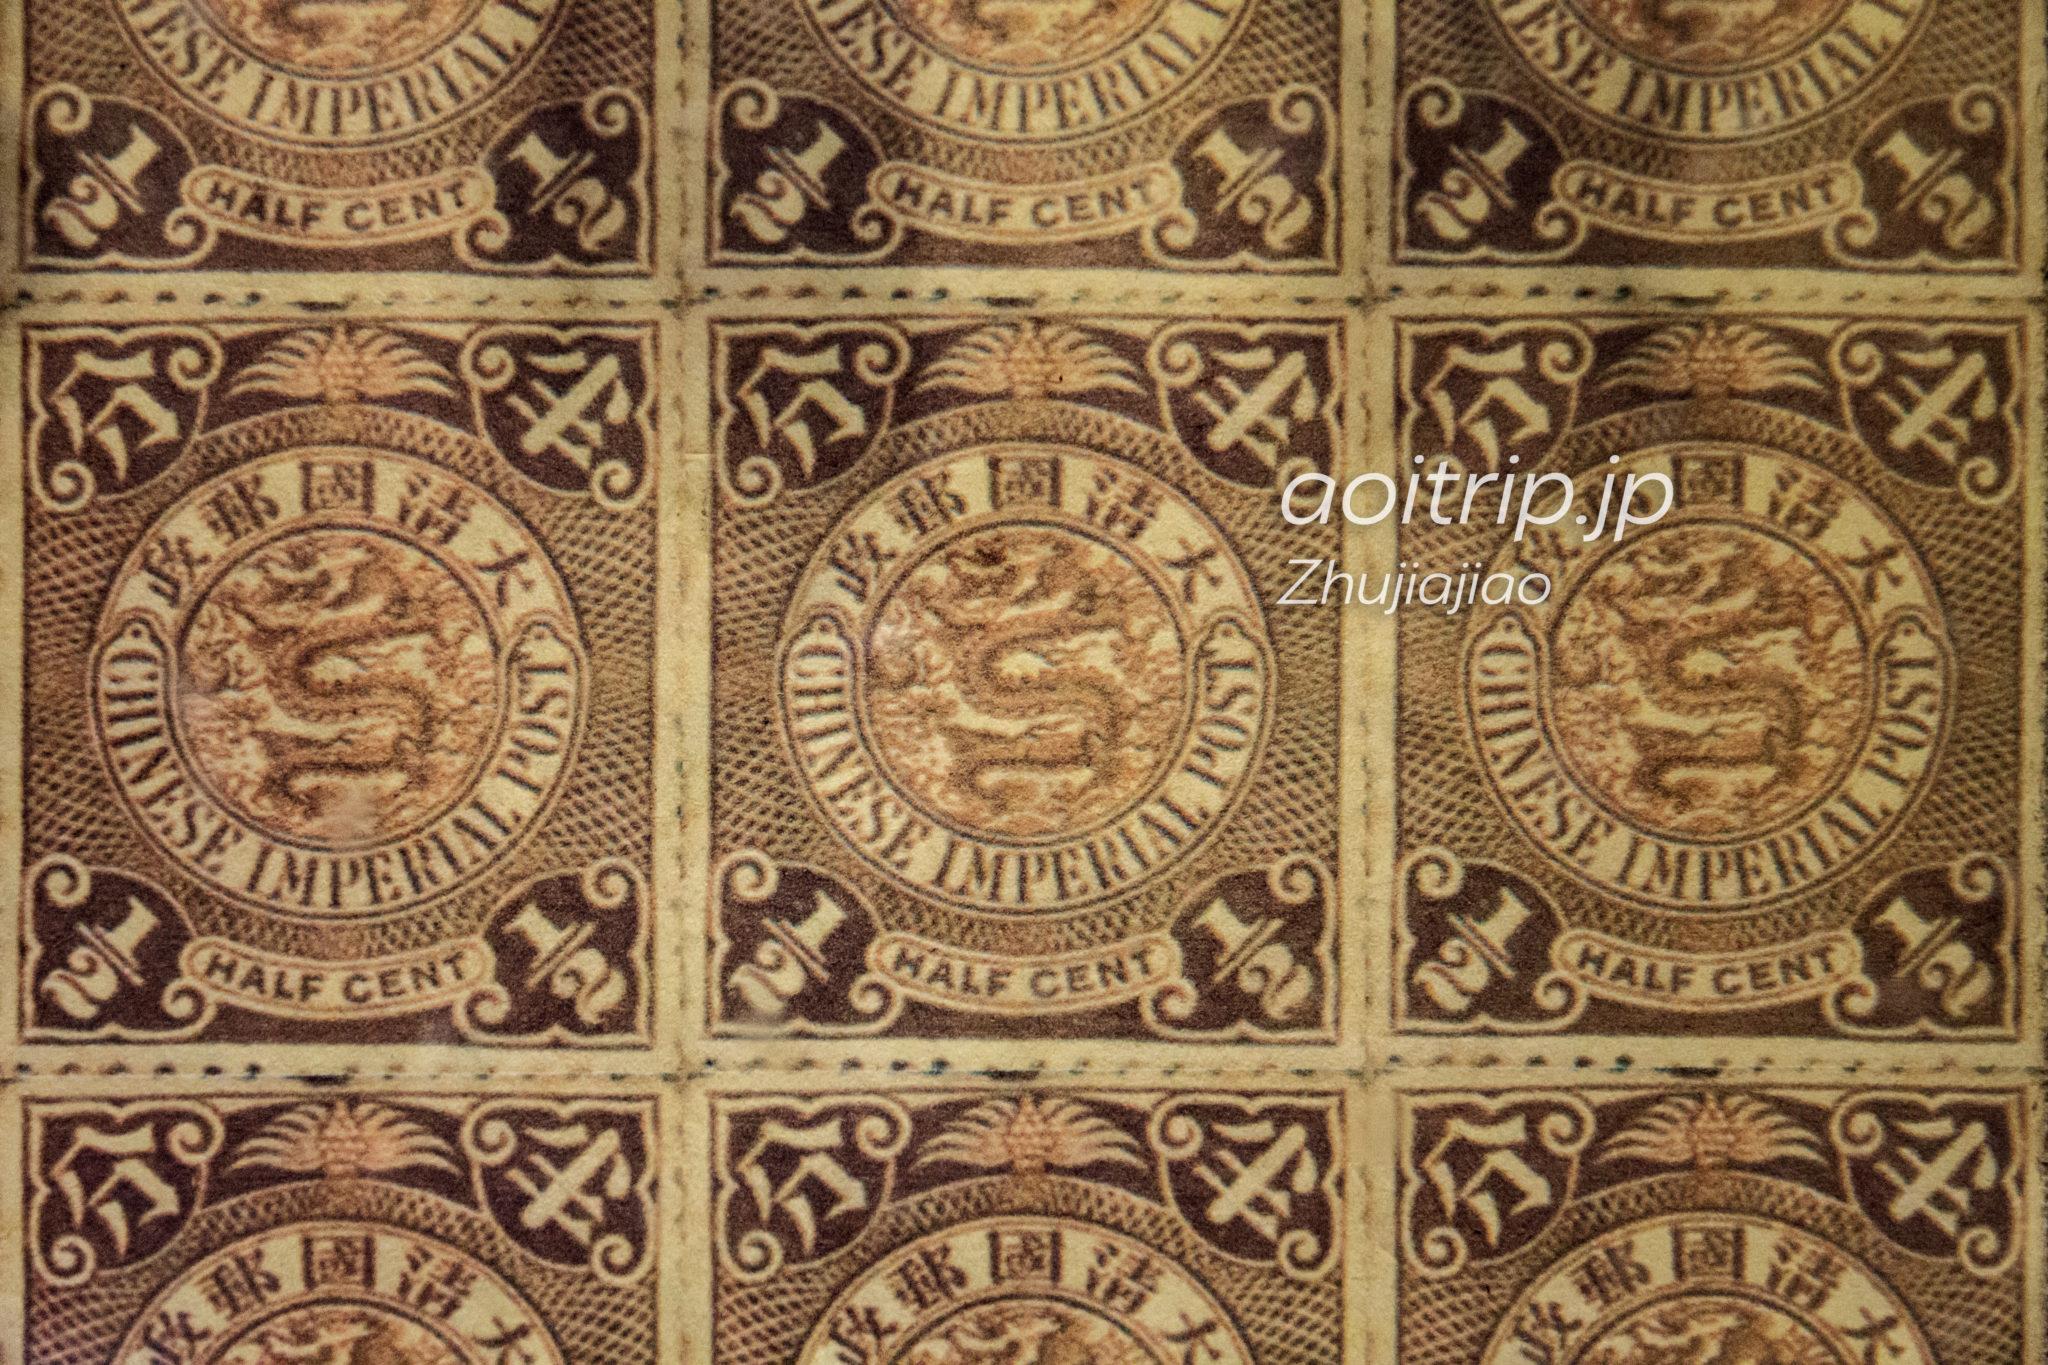 1876年に大清国が発行した龍の図柄の郵便切手